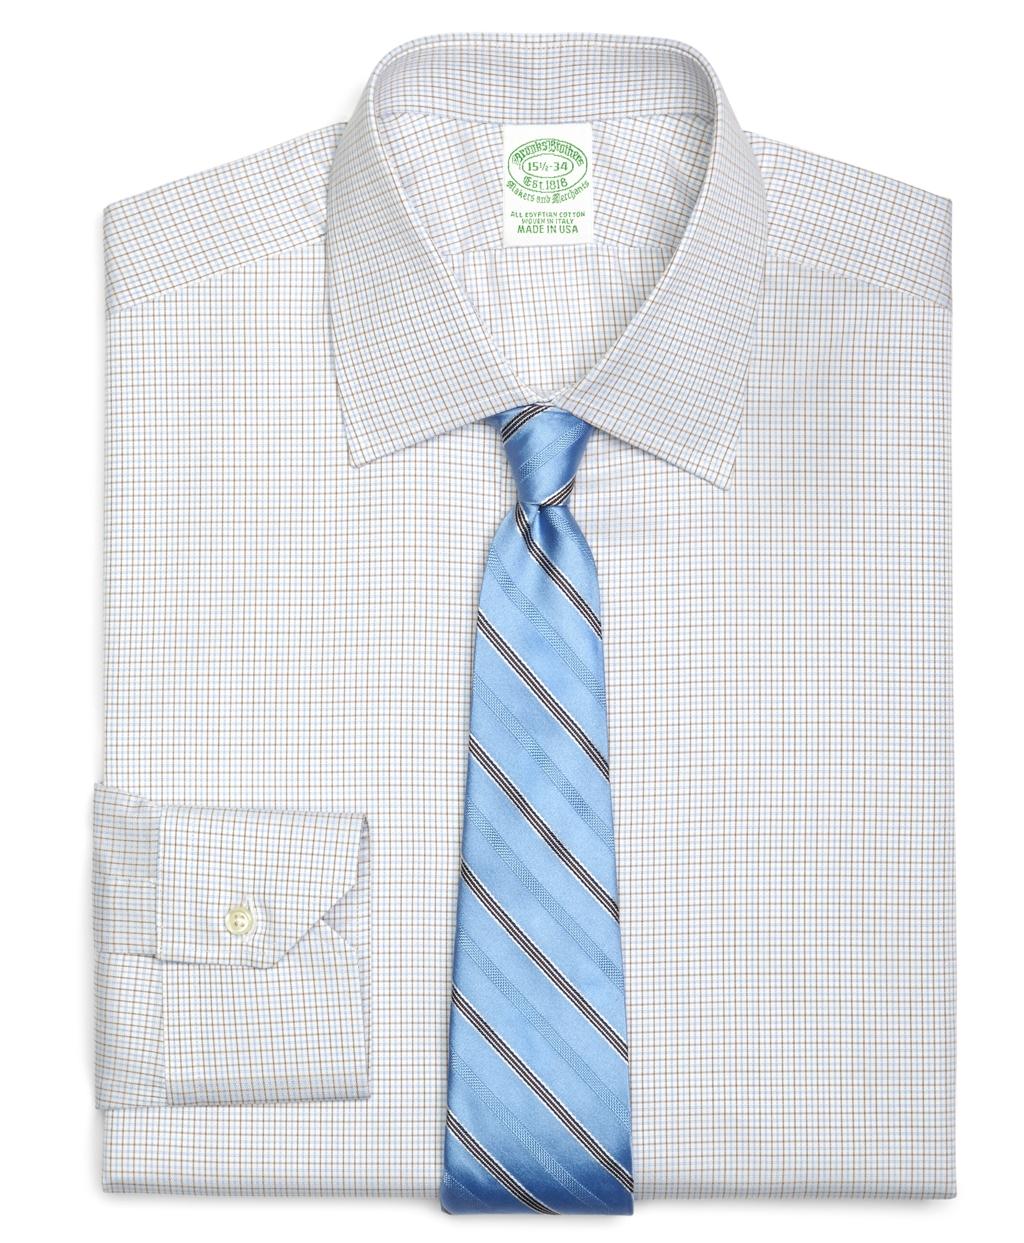 Brooks brothers regular fit small tattersall dress shirt for Brooks brothers dress shirt fit guide